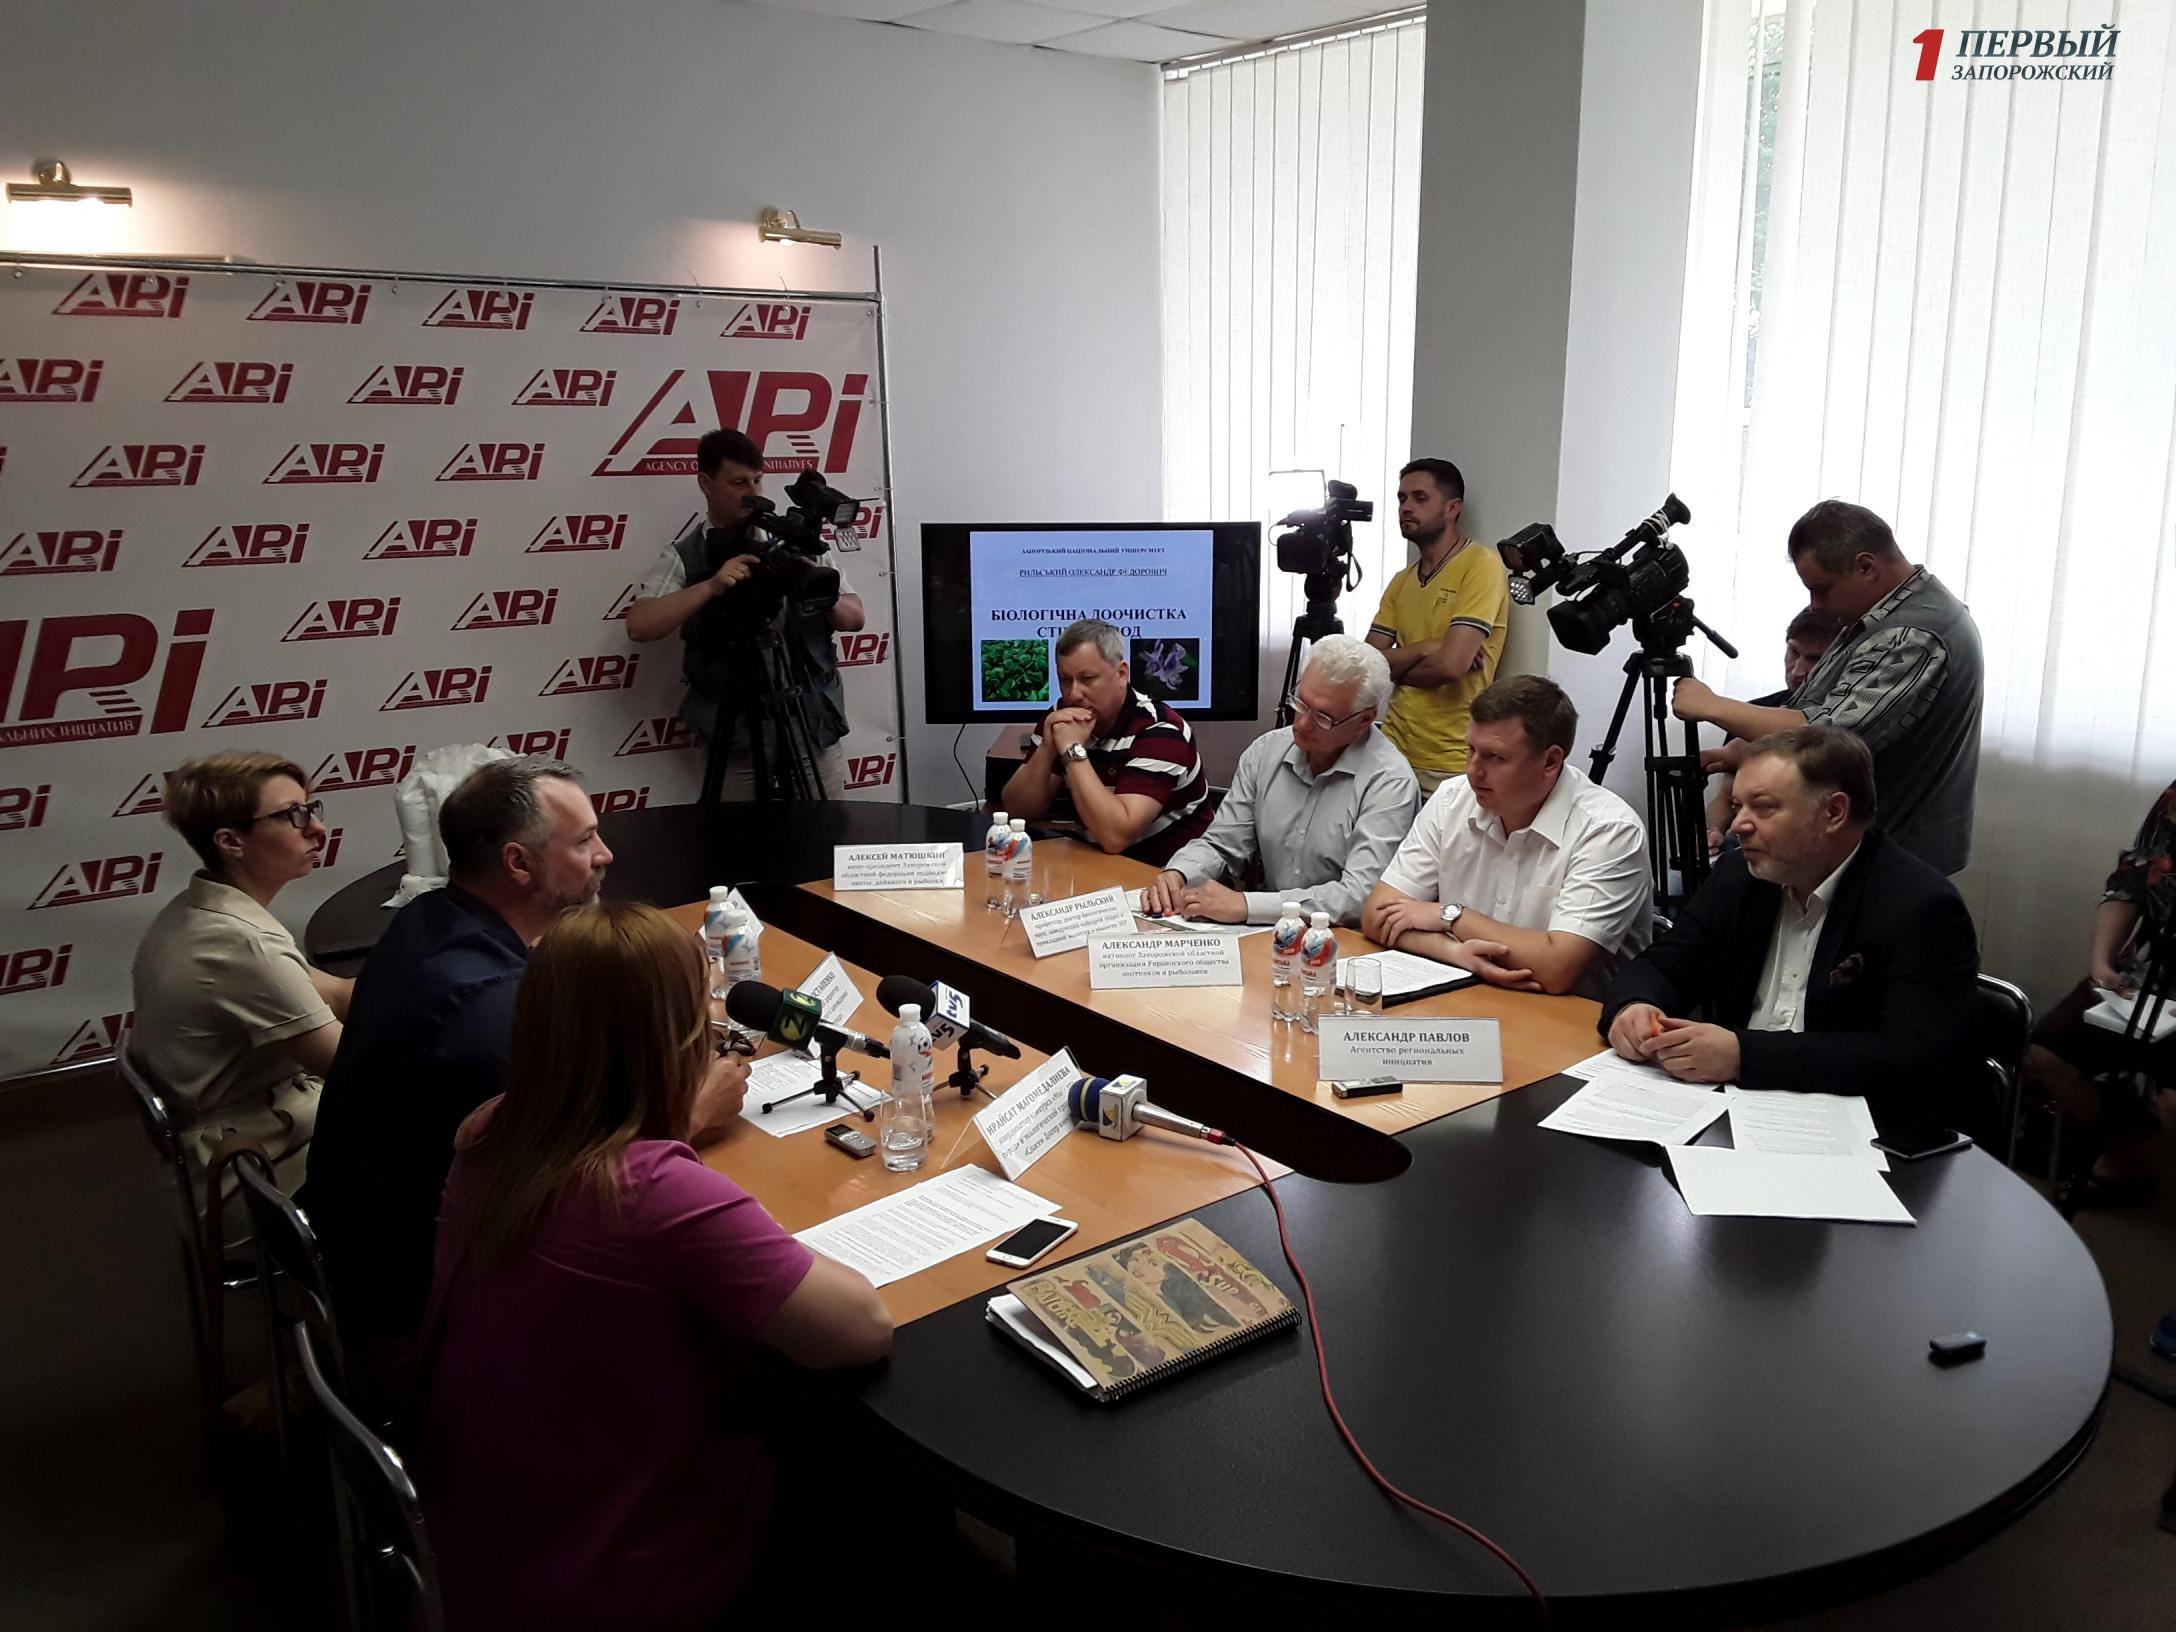 В Запорожье ученые, экологи и активисты обсудили пути решения экологических проблем Днепра - ФОТО